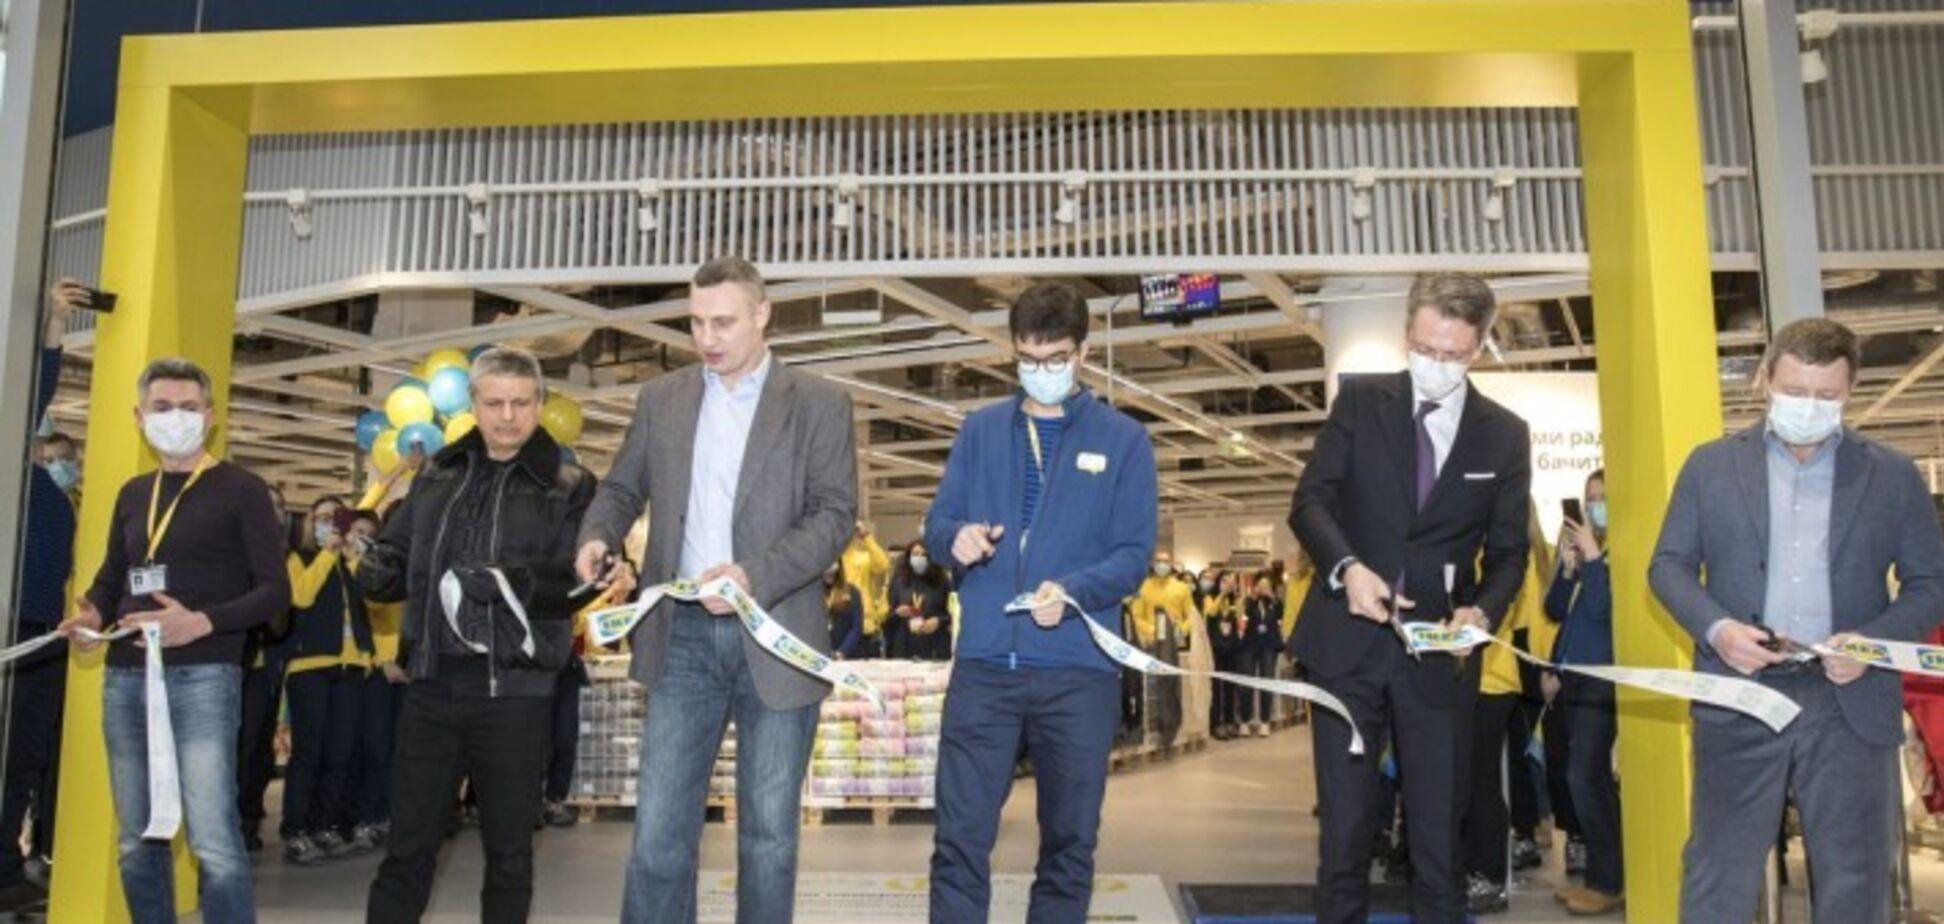 Кличко принял участие в открытии магазина ИКЕА